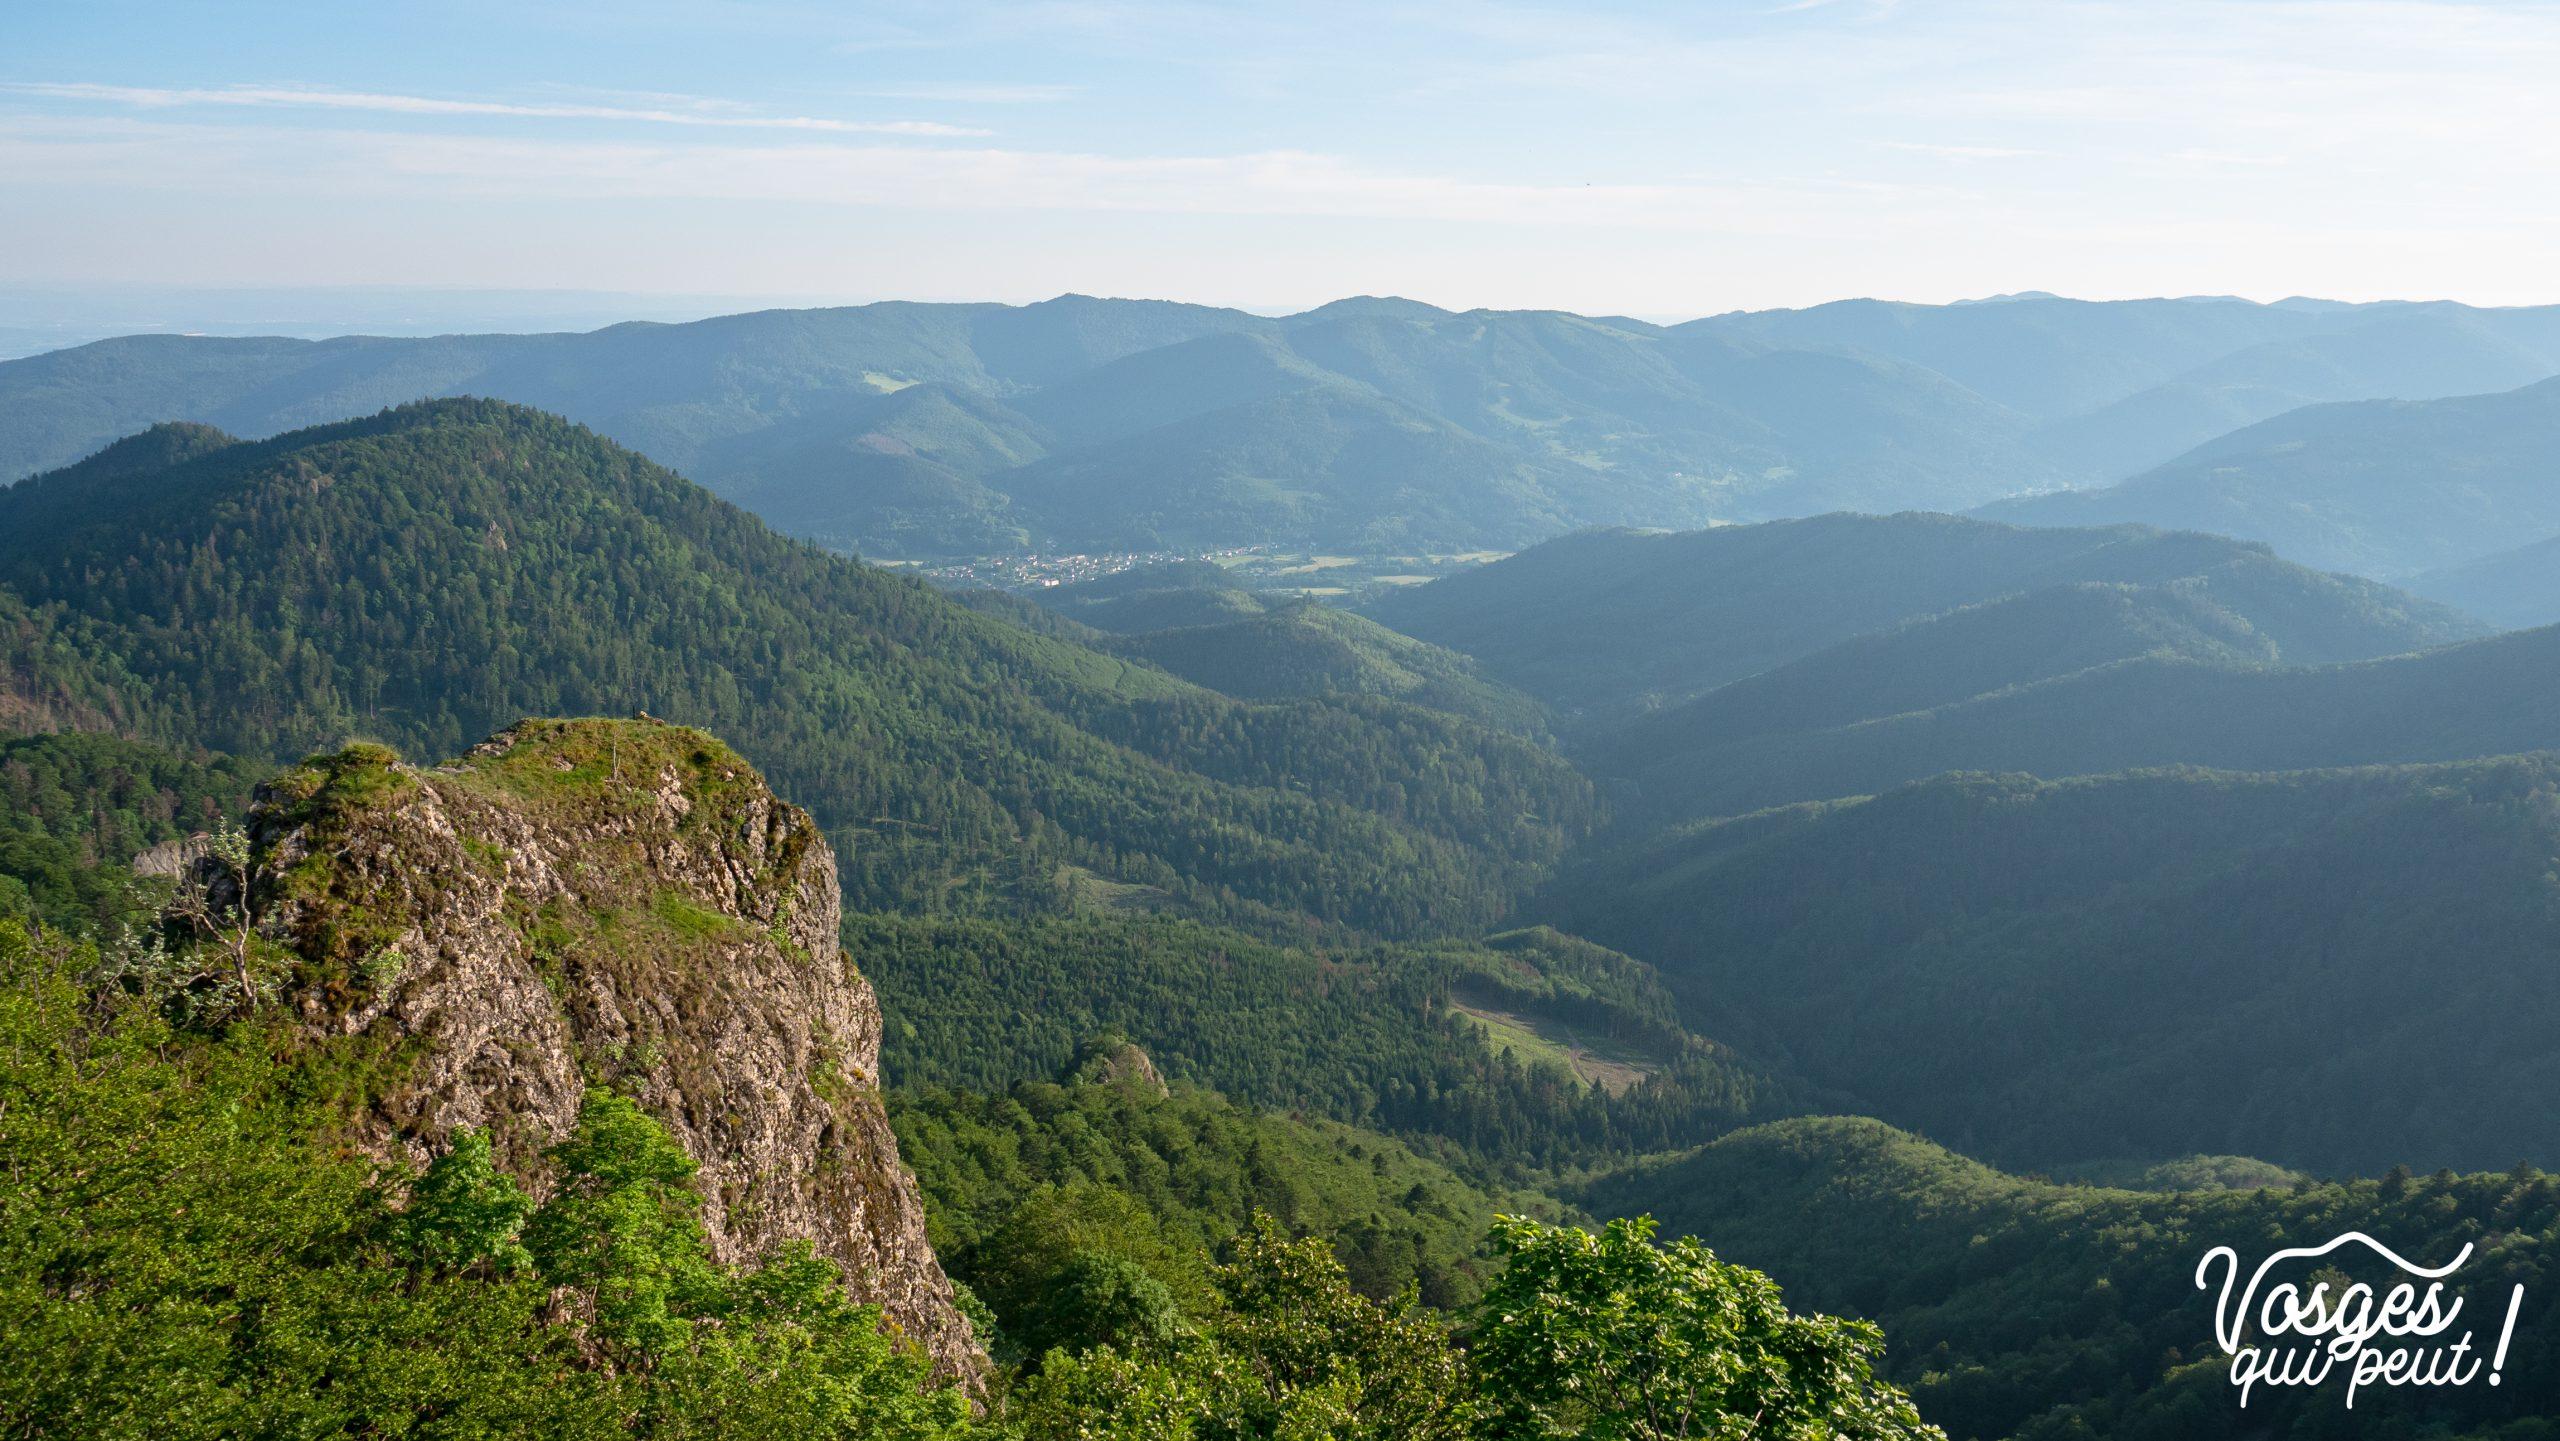 Vue depuis le rocher belvédère du Vogelstein dans le Massif des Vosges